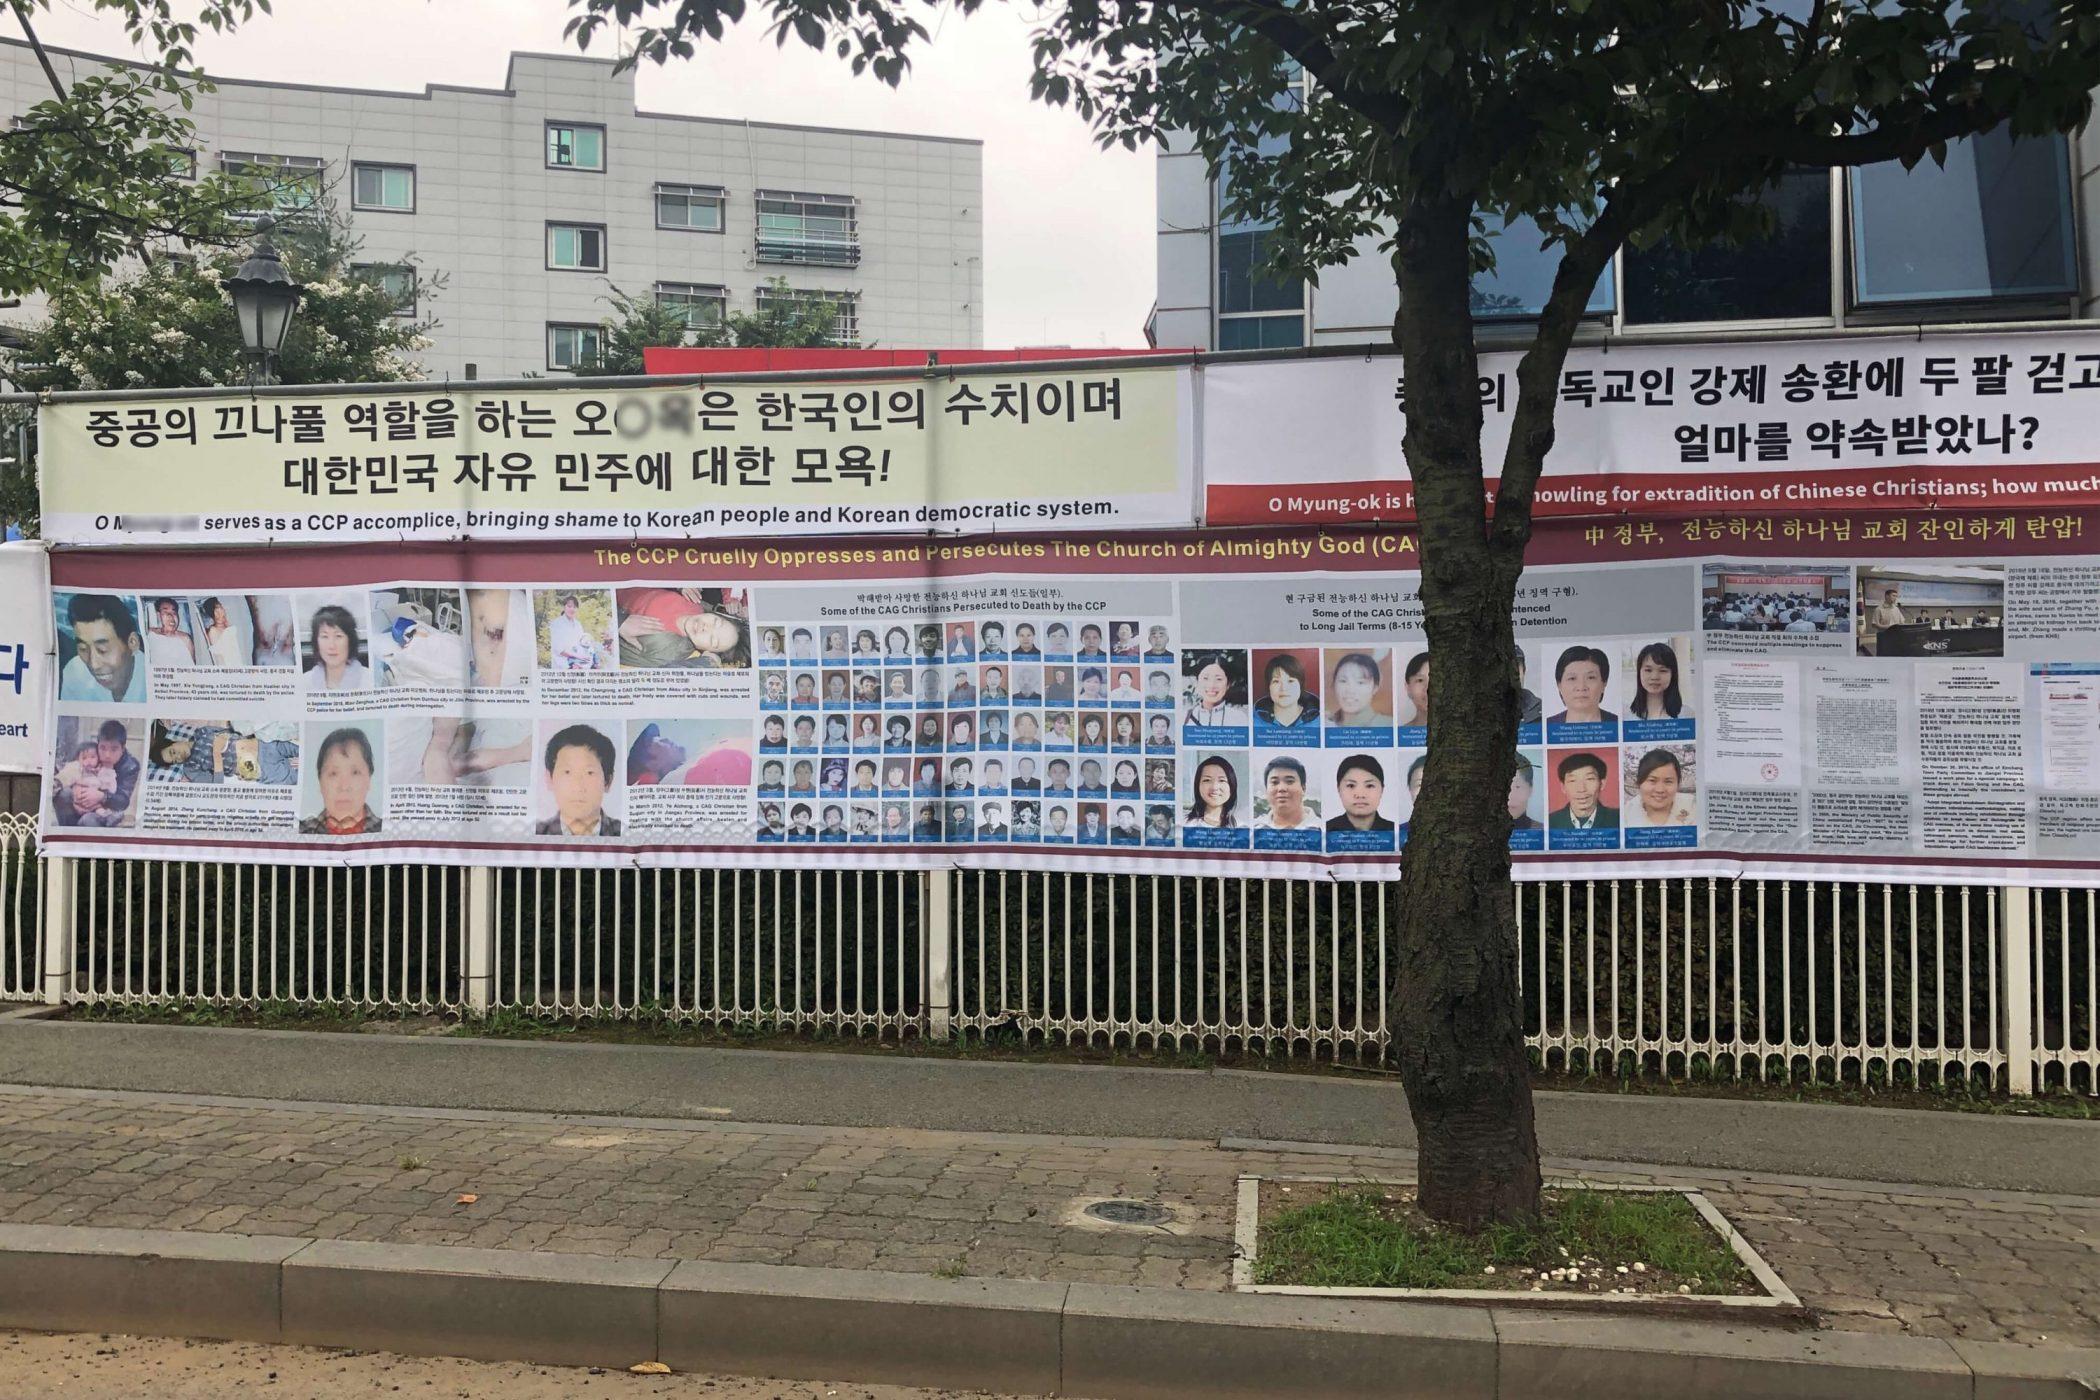 横幅标语:吴O玉充当中共的帮凶,是韩国人民的耻辱,是羞辱韩国的民主主义制度!